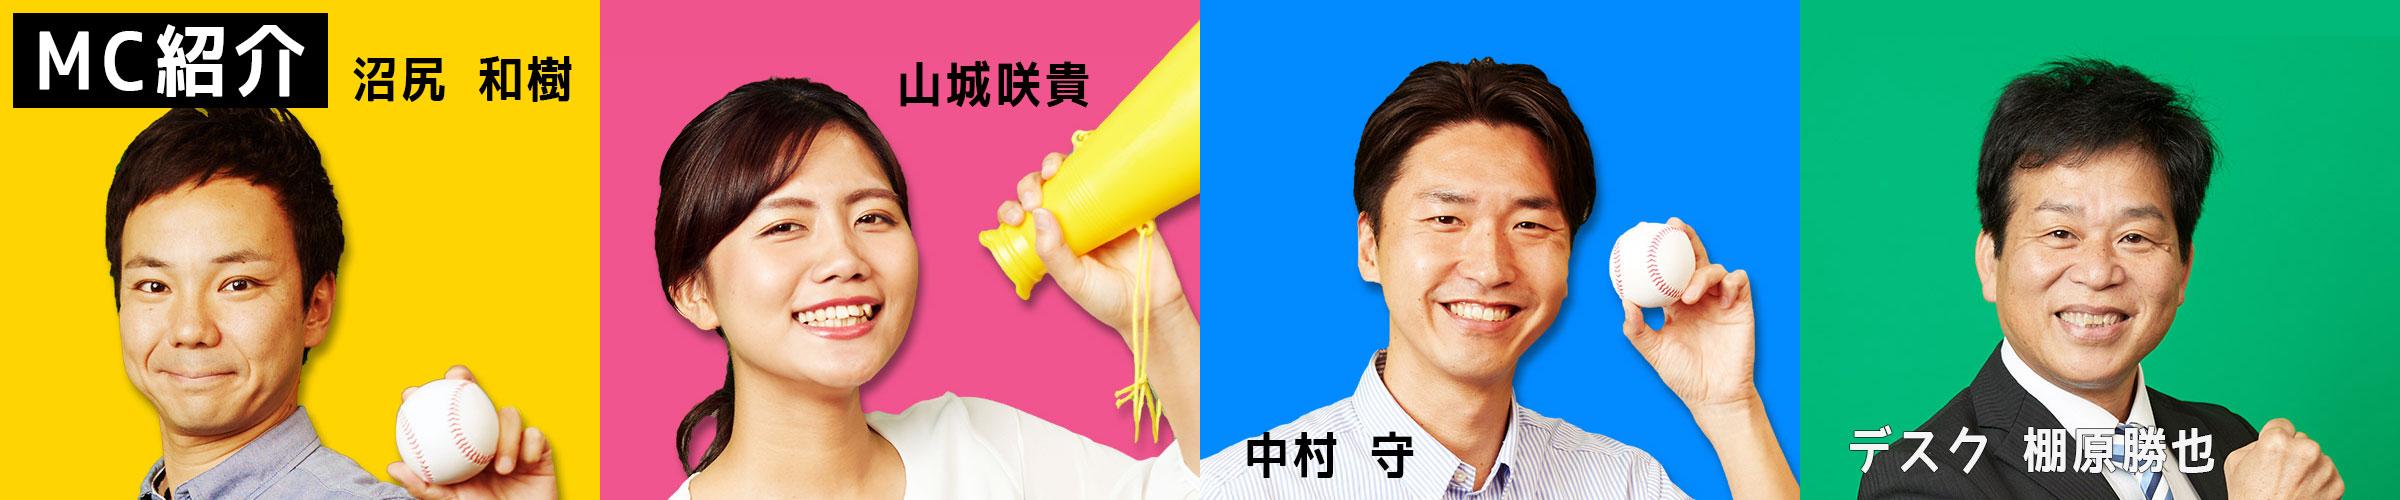 2019速報!! めざせ甲子園!MC紹介